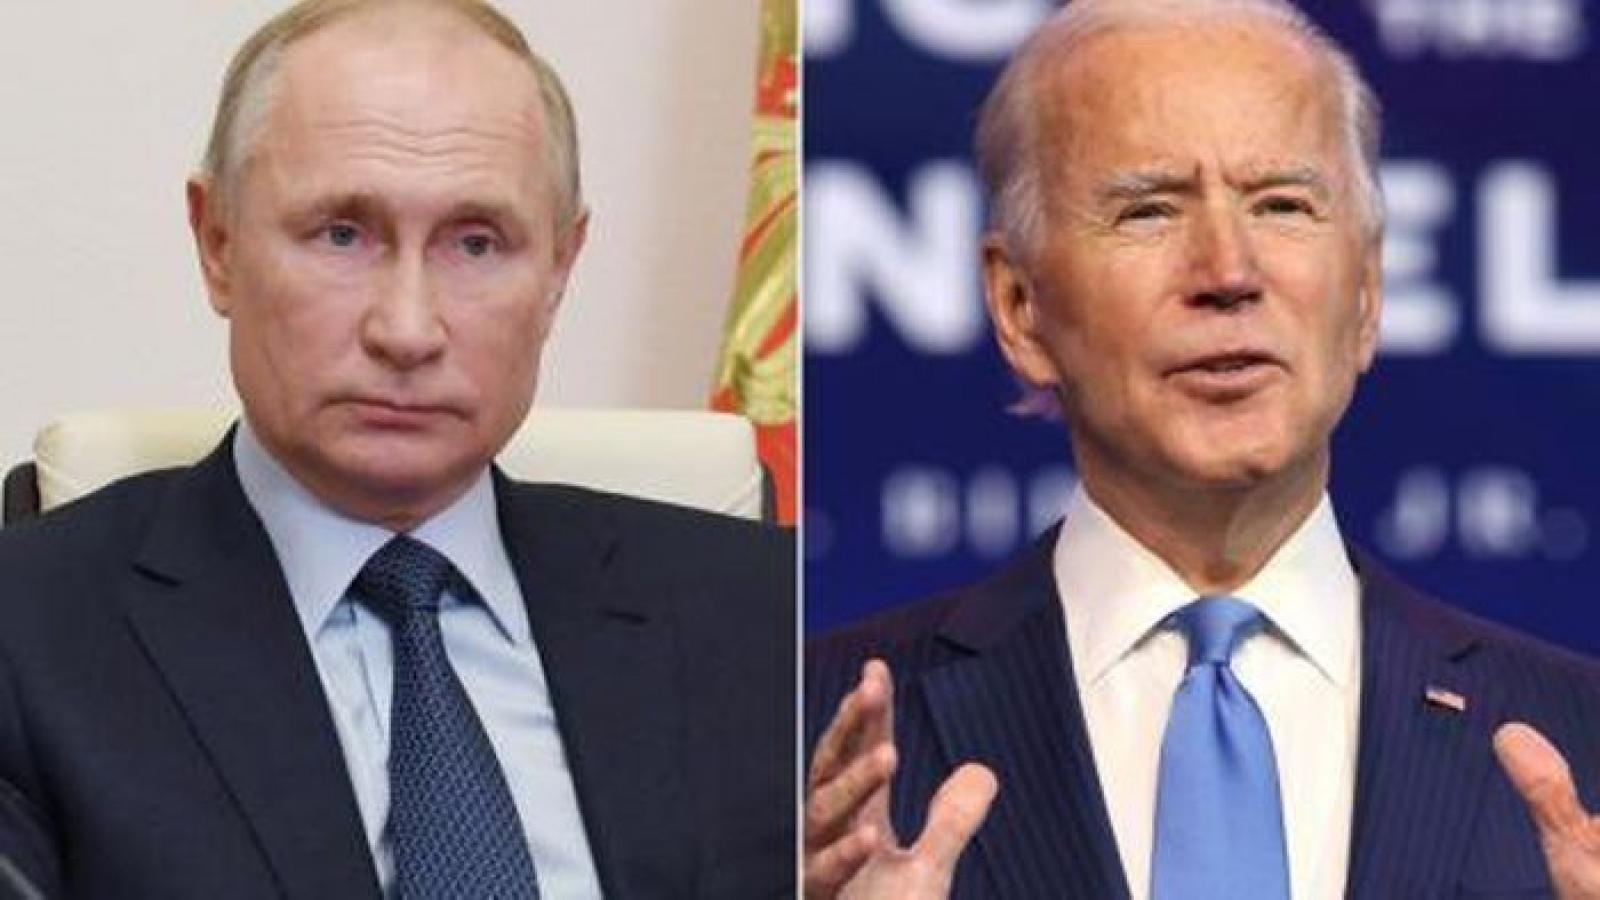 Thượng đỉnh Mỹ-Nga có thể diễn ra giữa tháng 6 tại Thụy Sỹ